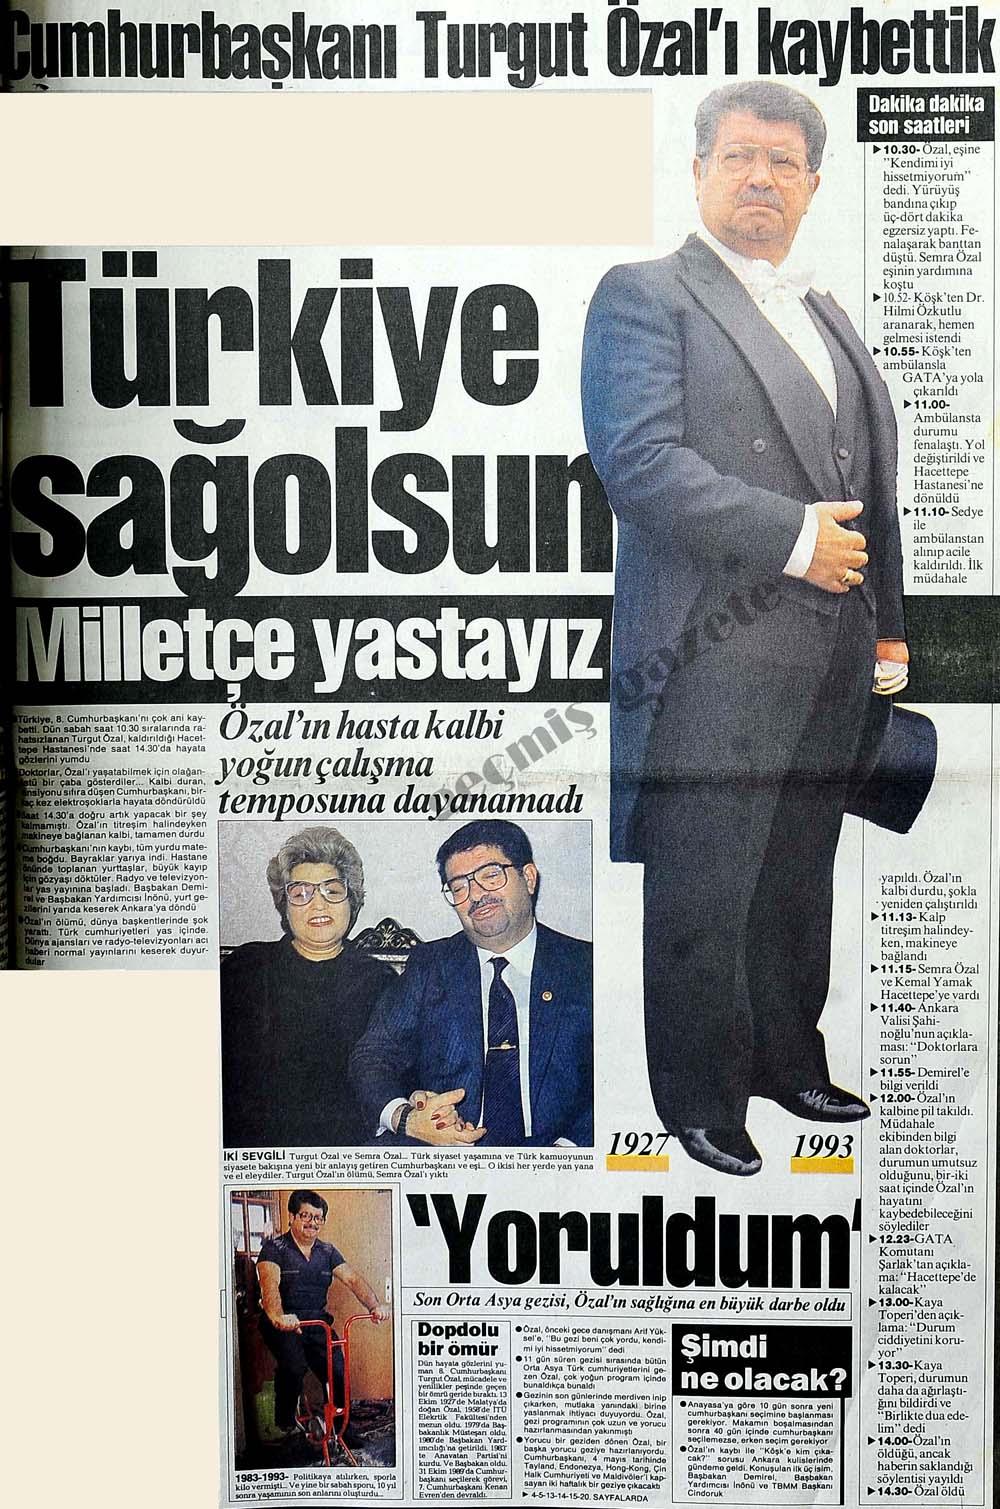 Cumhurbaşkanı Turgut Özal'ı kaybettik